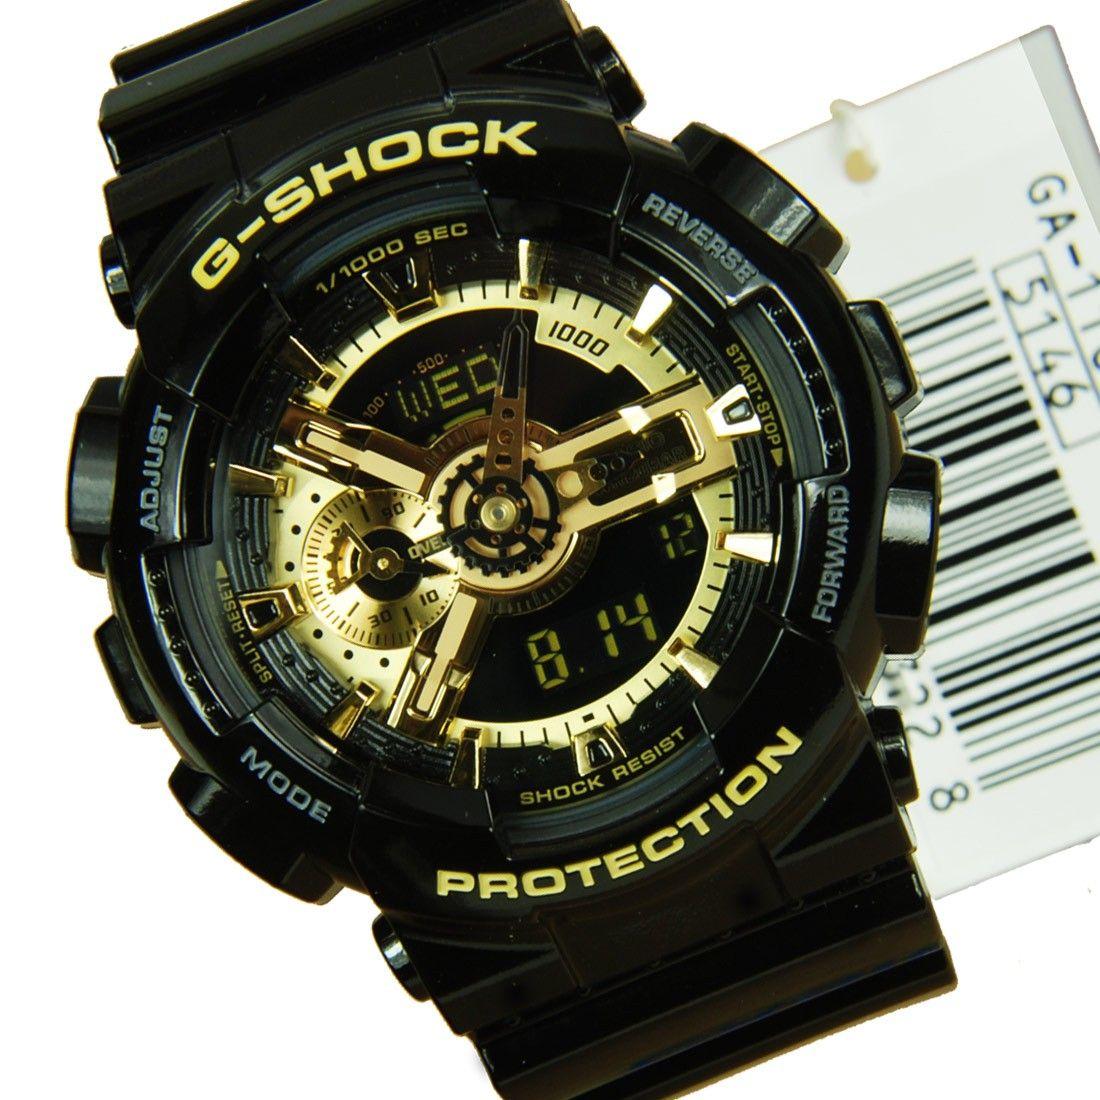 Casio GShock Black & Gold Casio GShock Threads